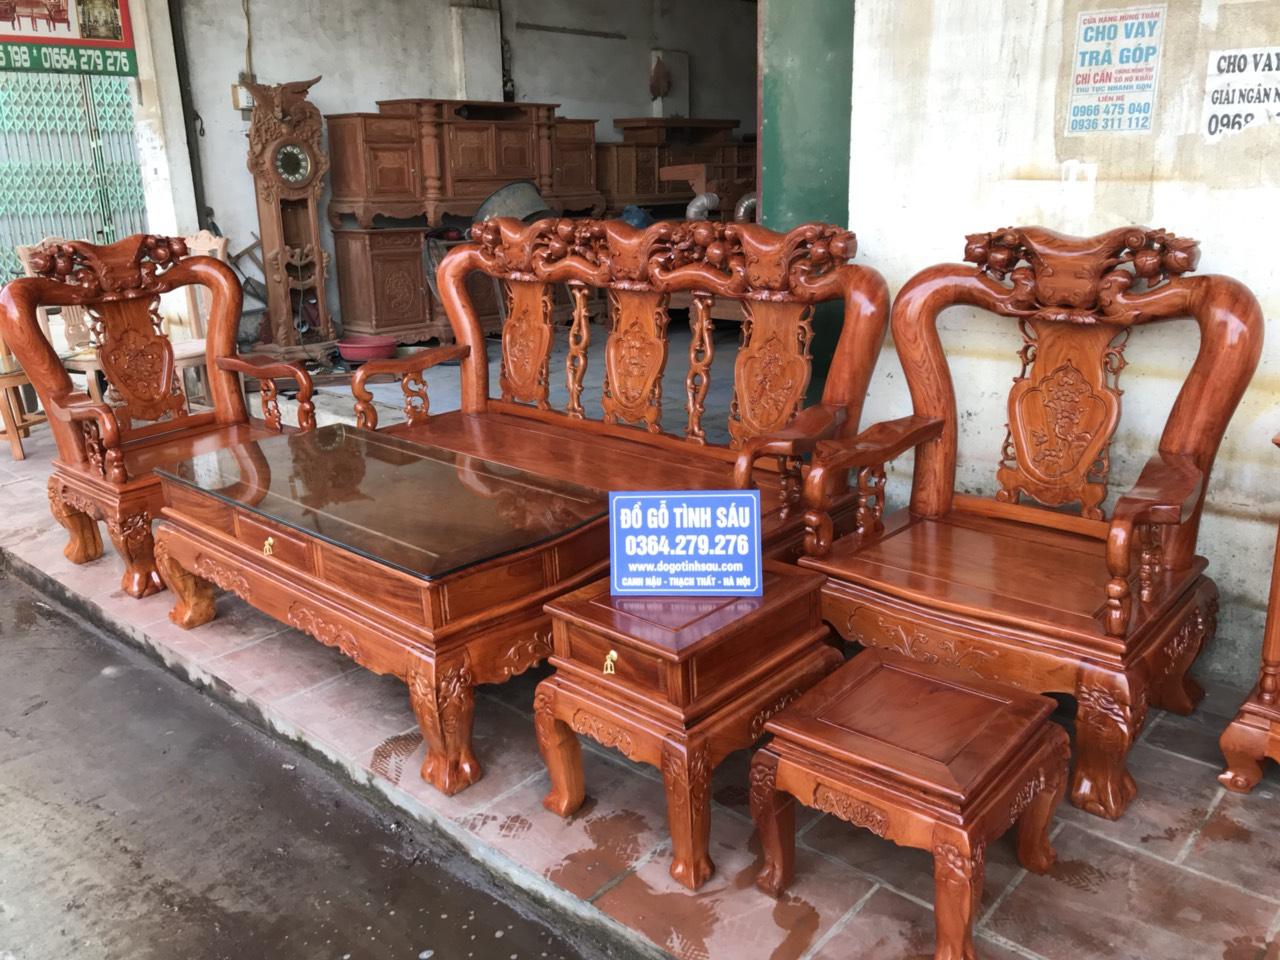 8dfc2e5f2b14d64a8f05 - Bộ bàn ghế Minh Quốc đào tay 12 gỗ hương đá siêu đẹp